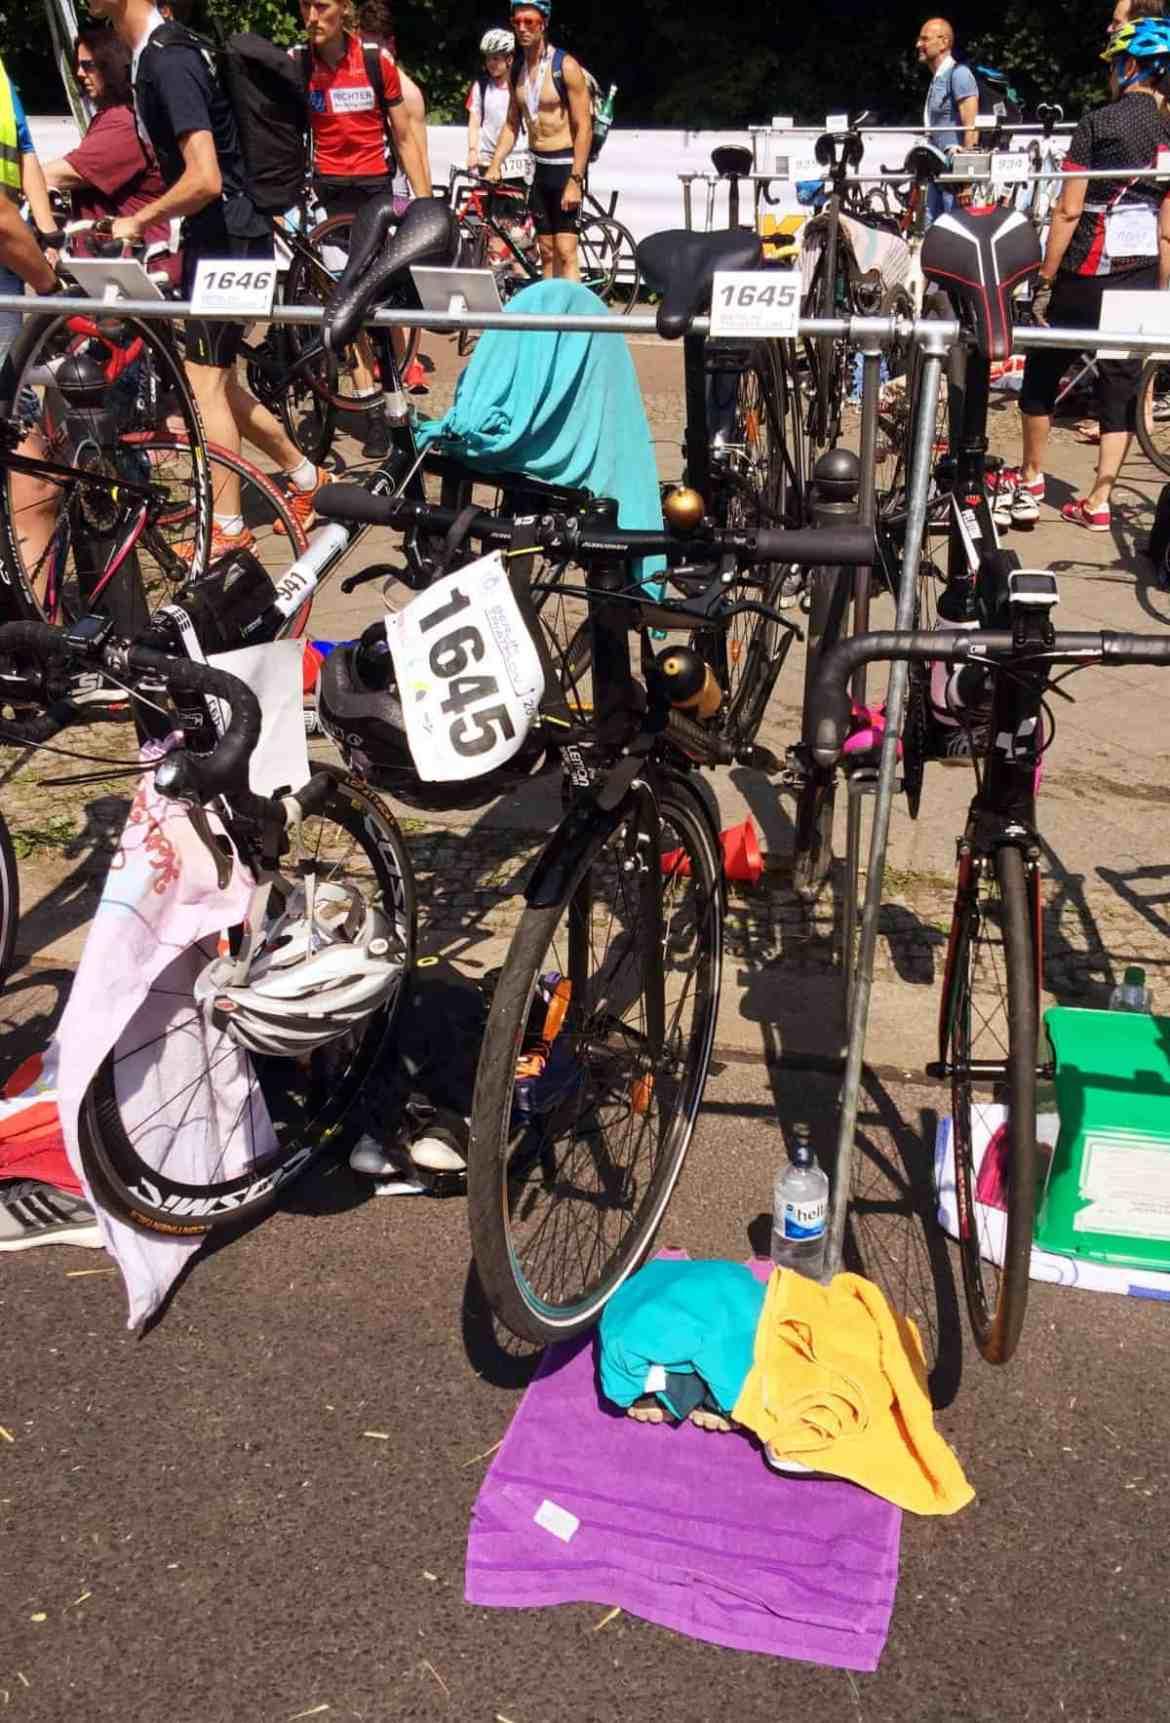 Wechselzone Berlin Triathlon 2016